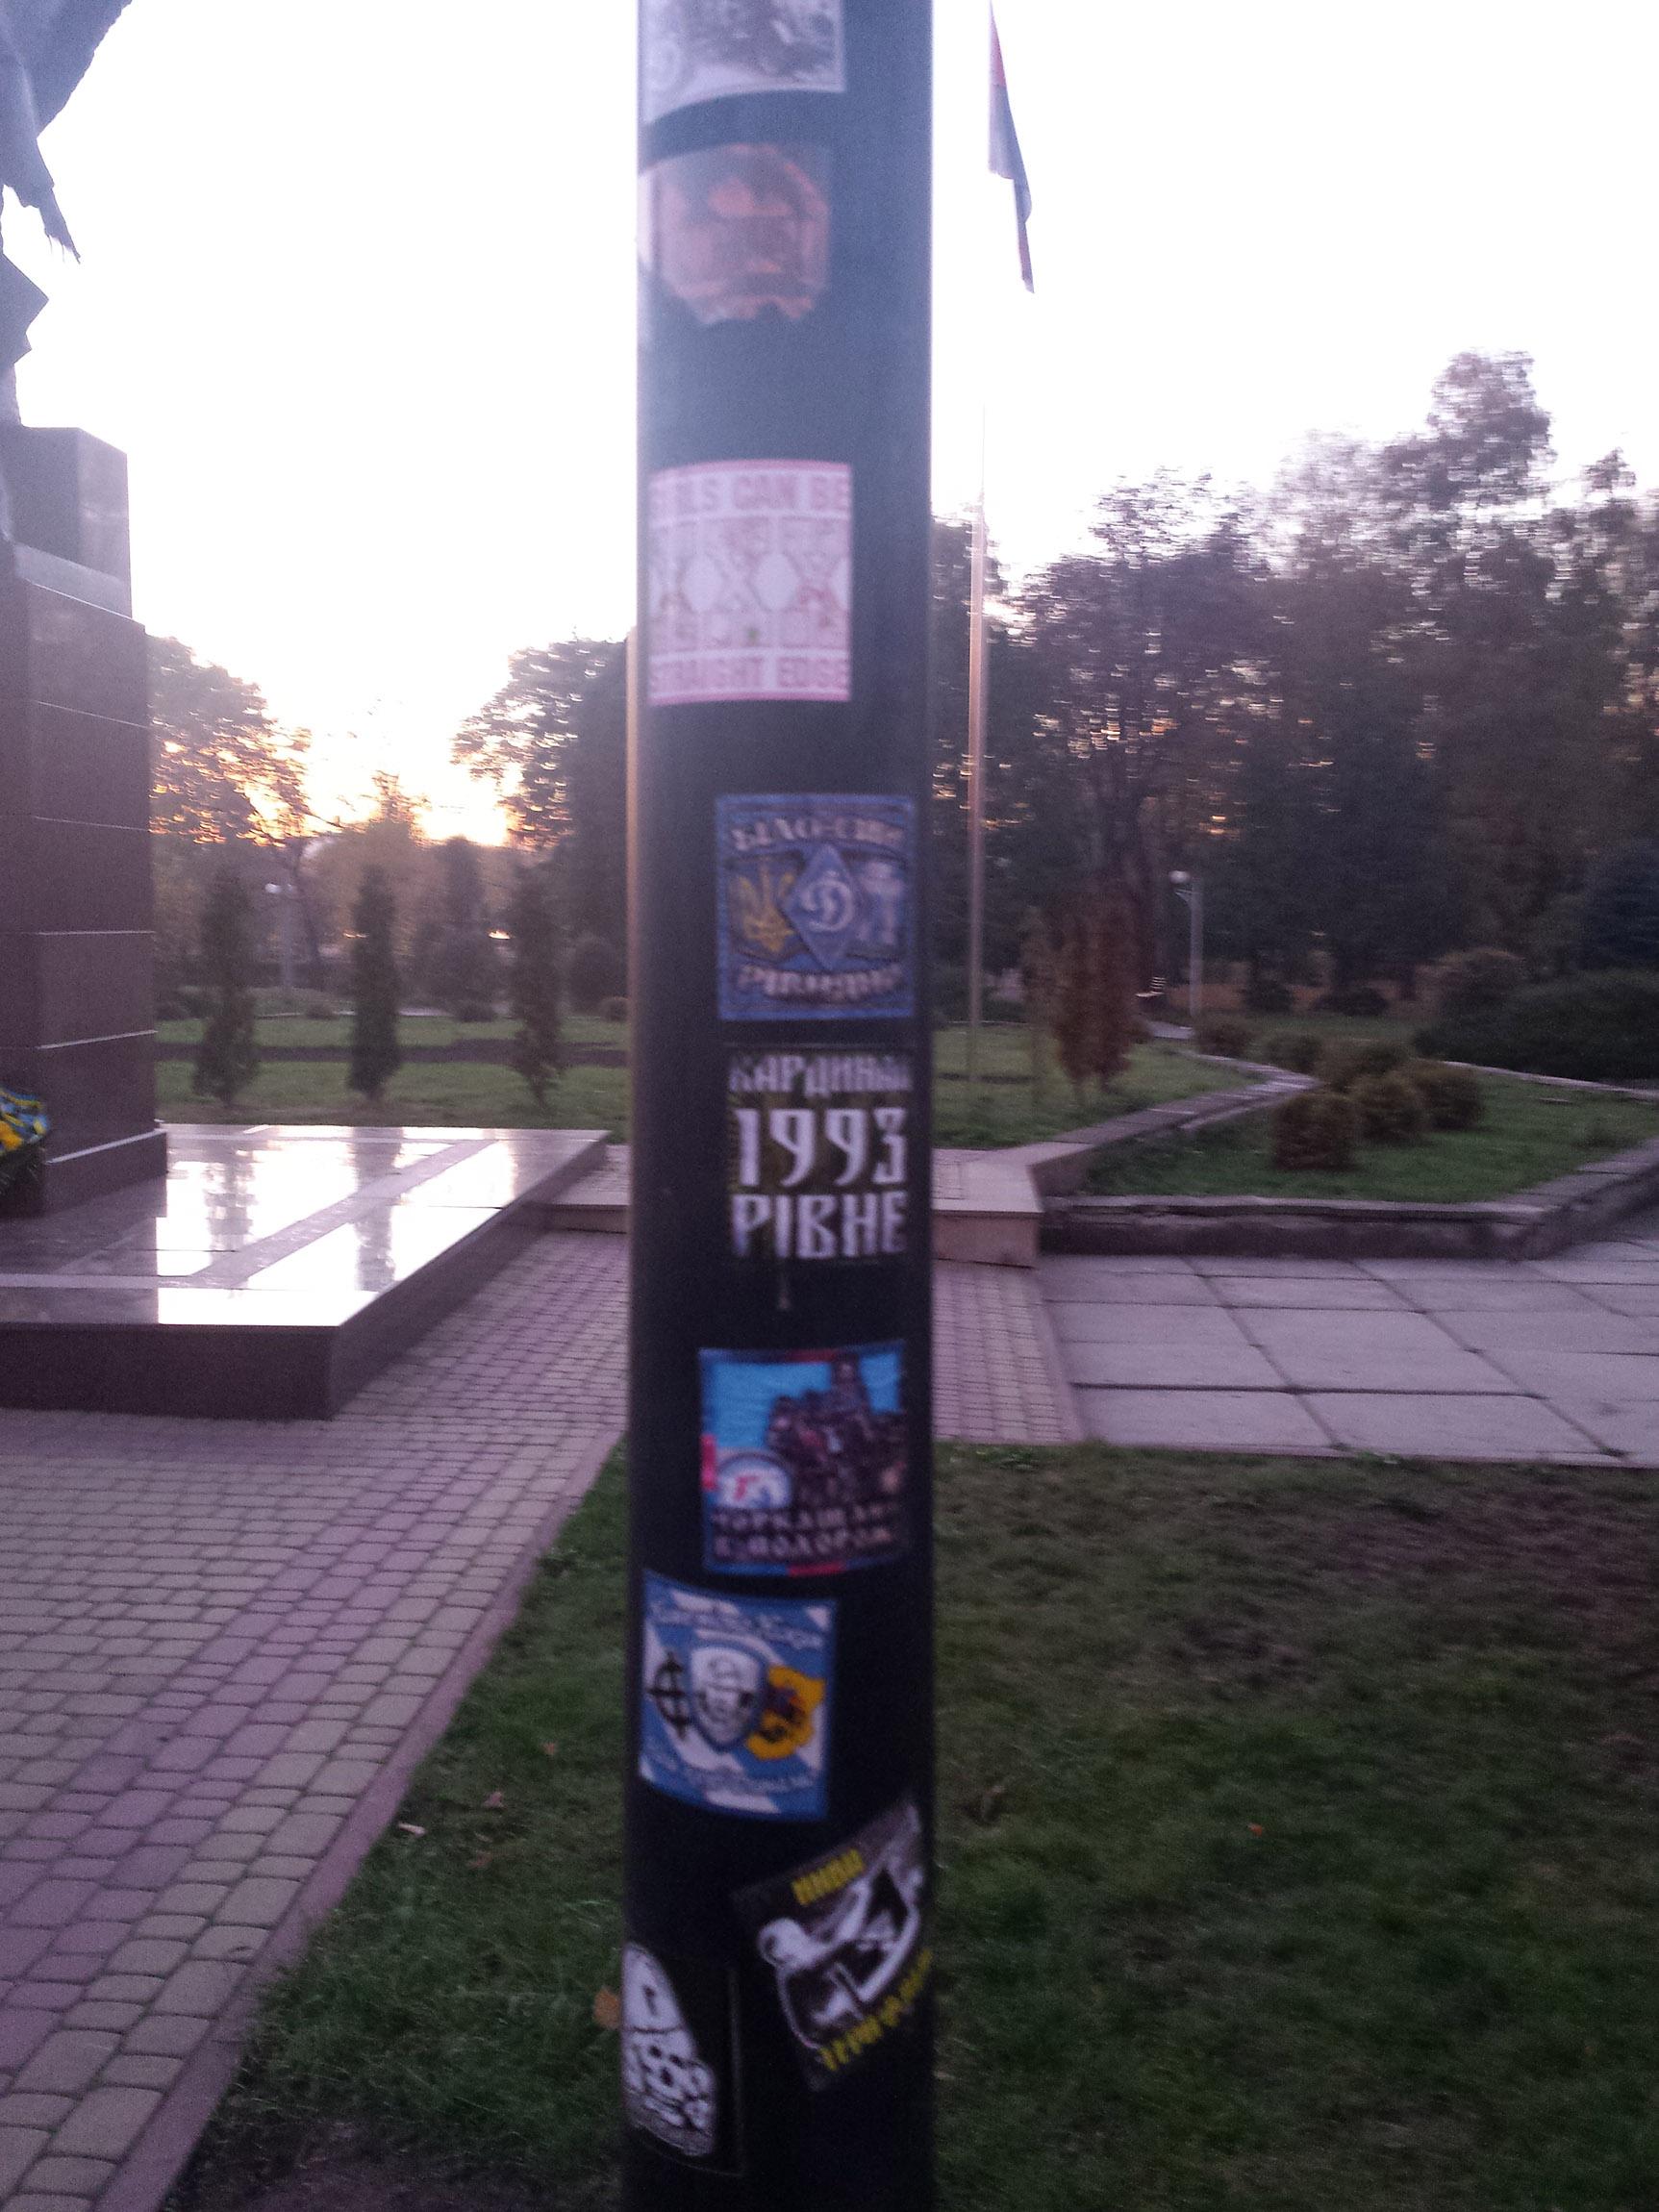 Aufkleber an einem Laternenpfahl gegenüber des Bandera-Denkmals